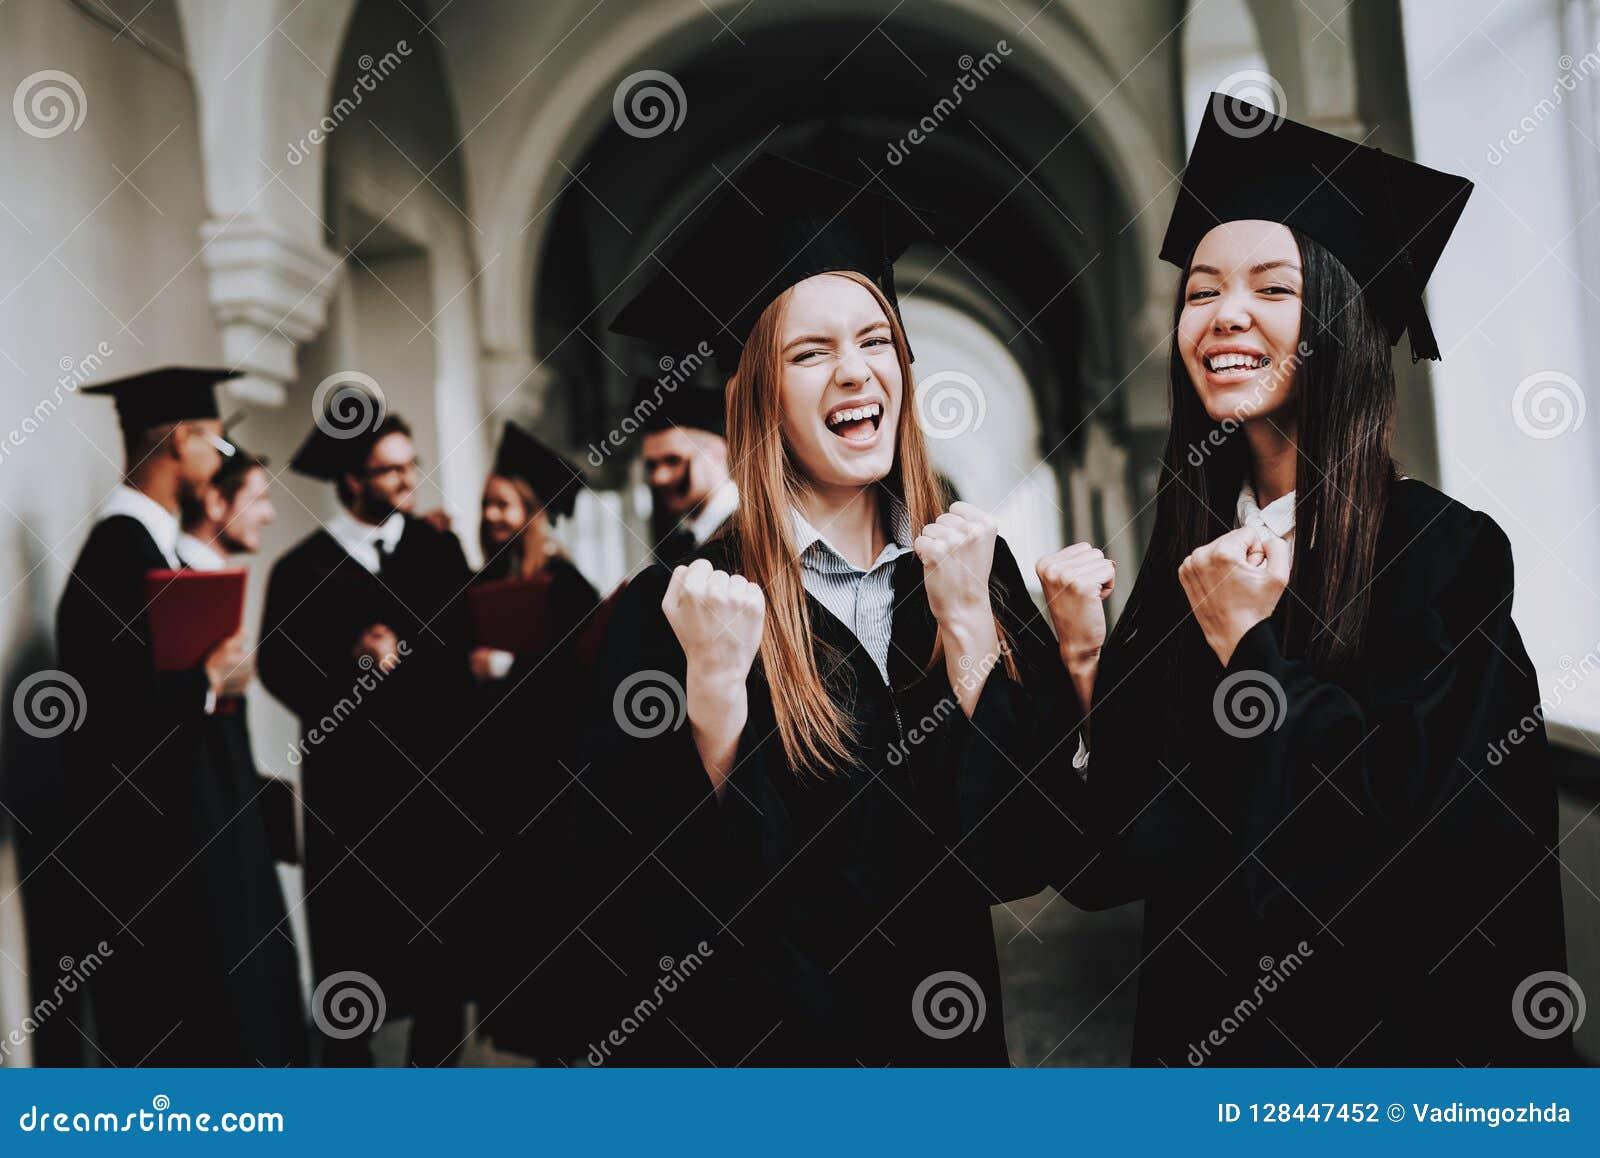 Celebration tampão meninas Conhecimento Placa do almofariz